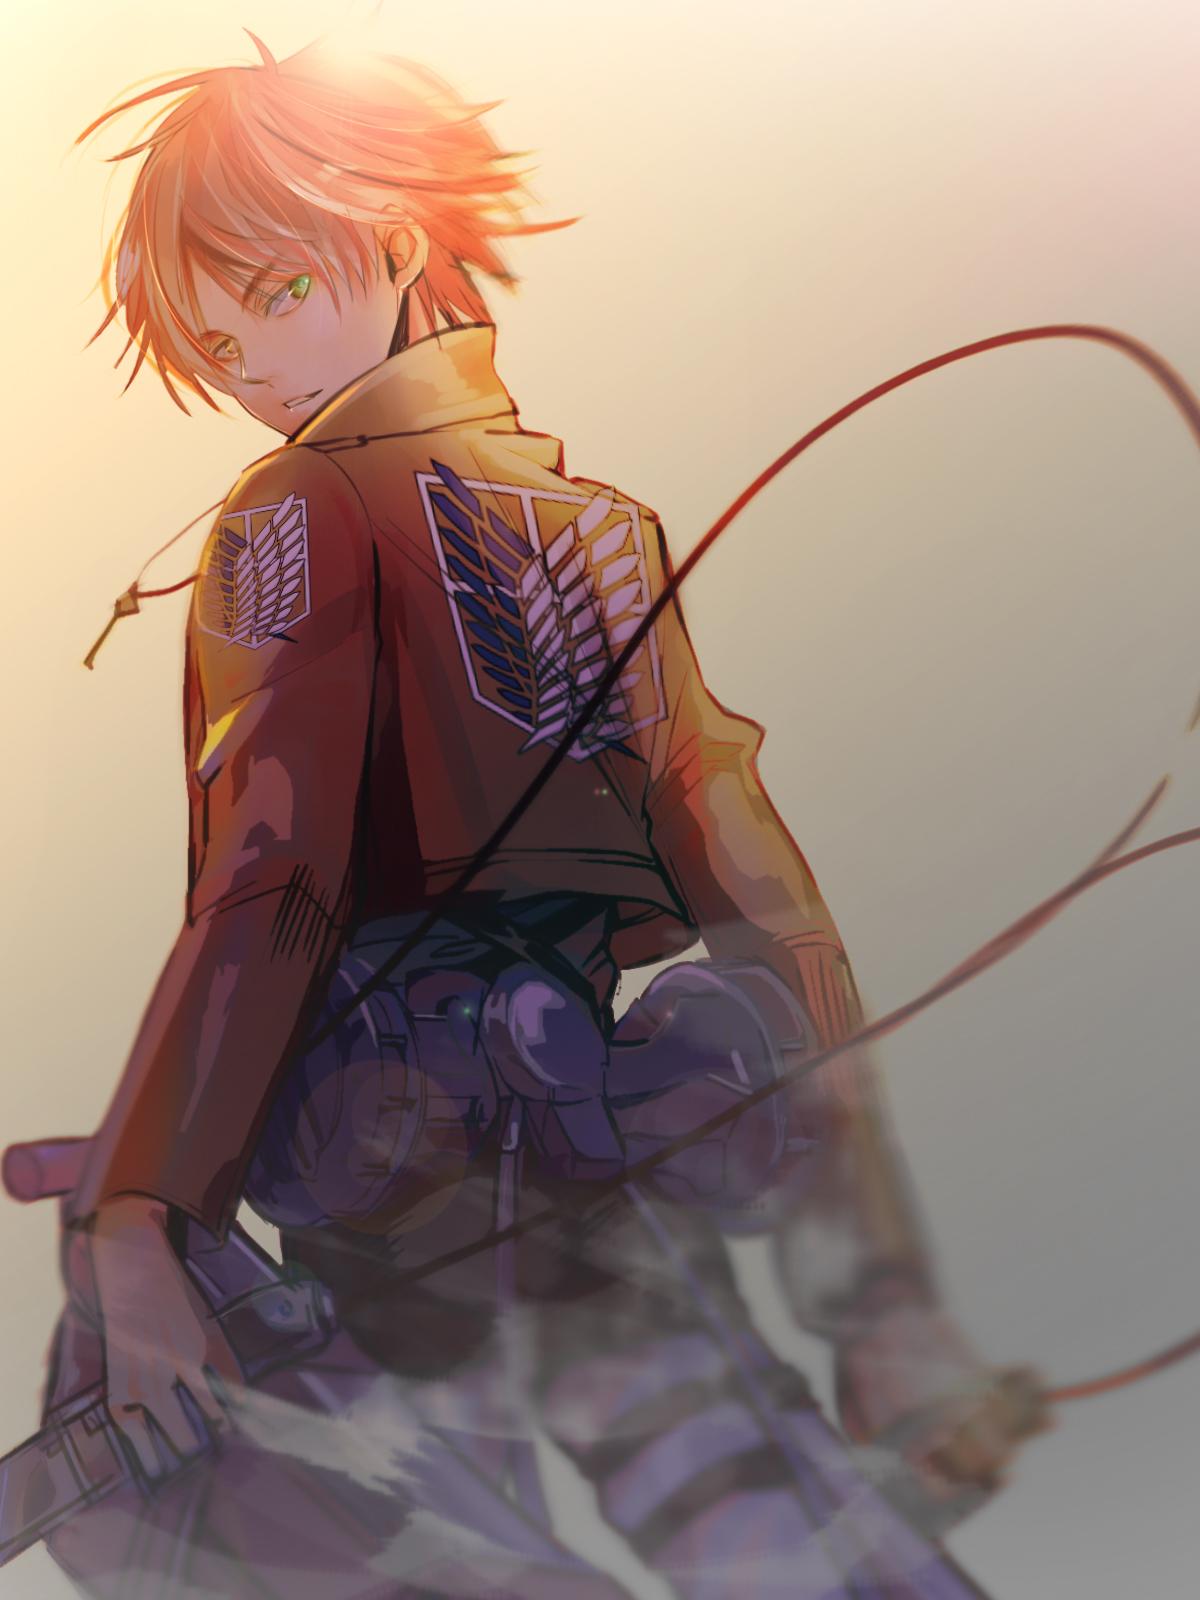 Eren Jaeger Eren Yeager Wallpaper Page 4 Zerochan Anime Image Board